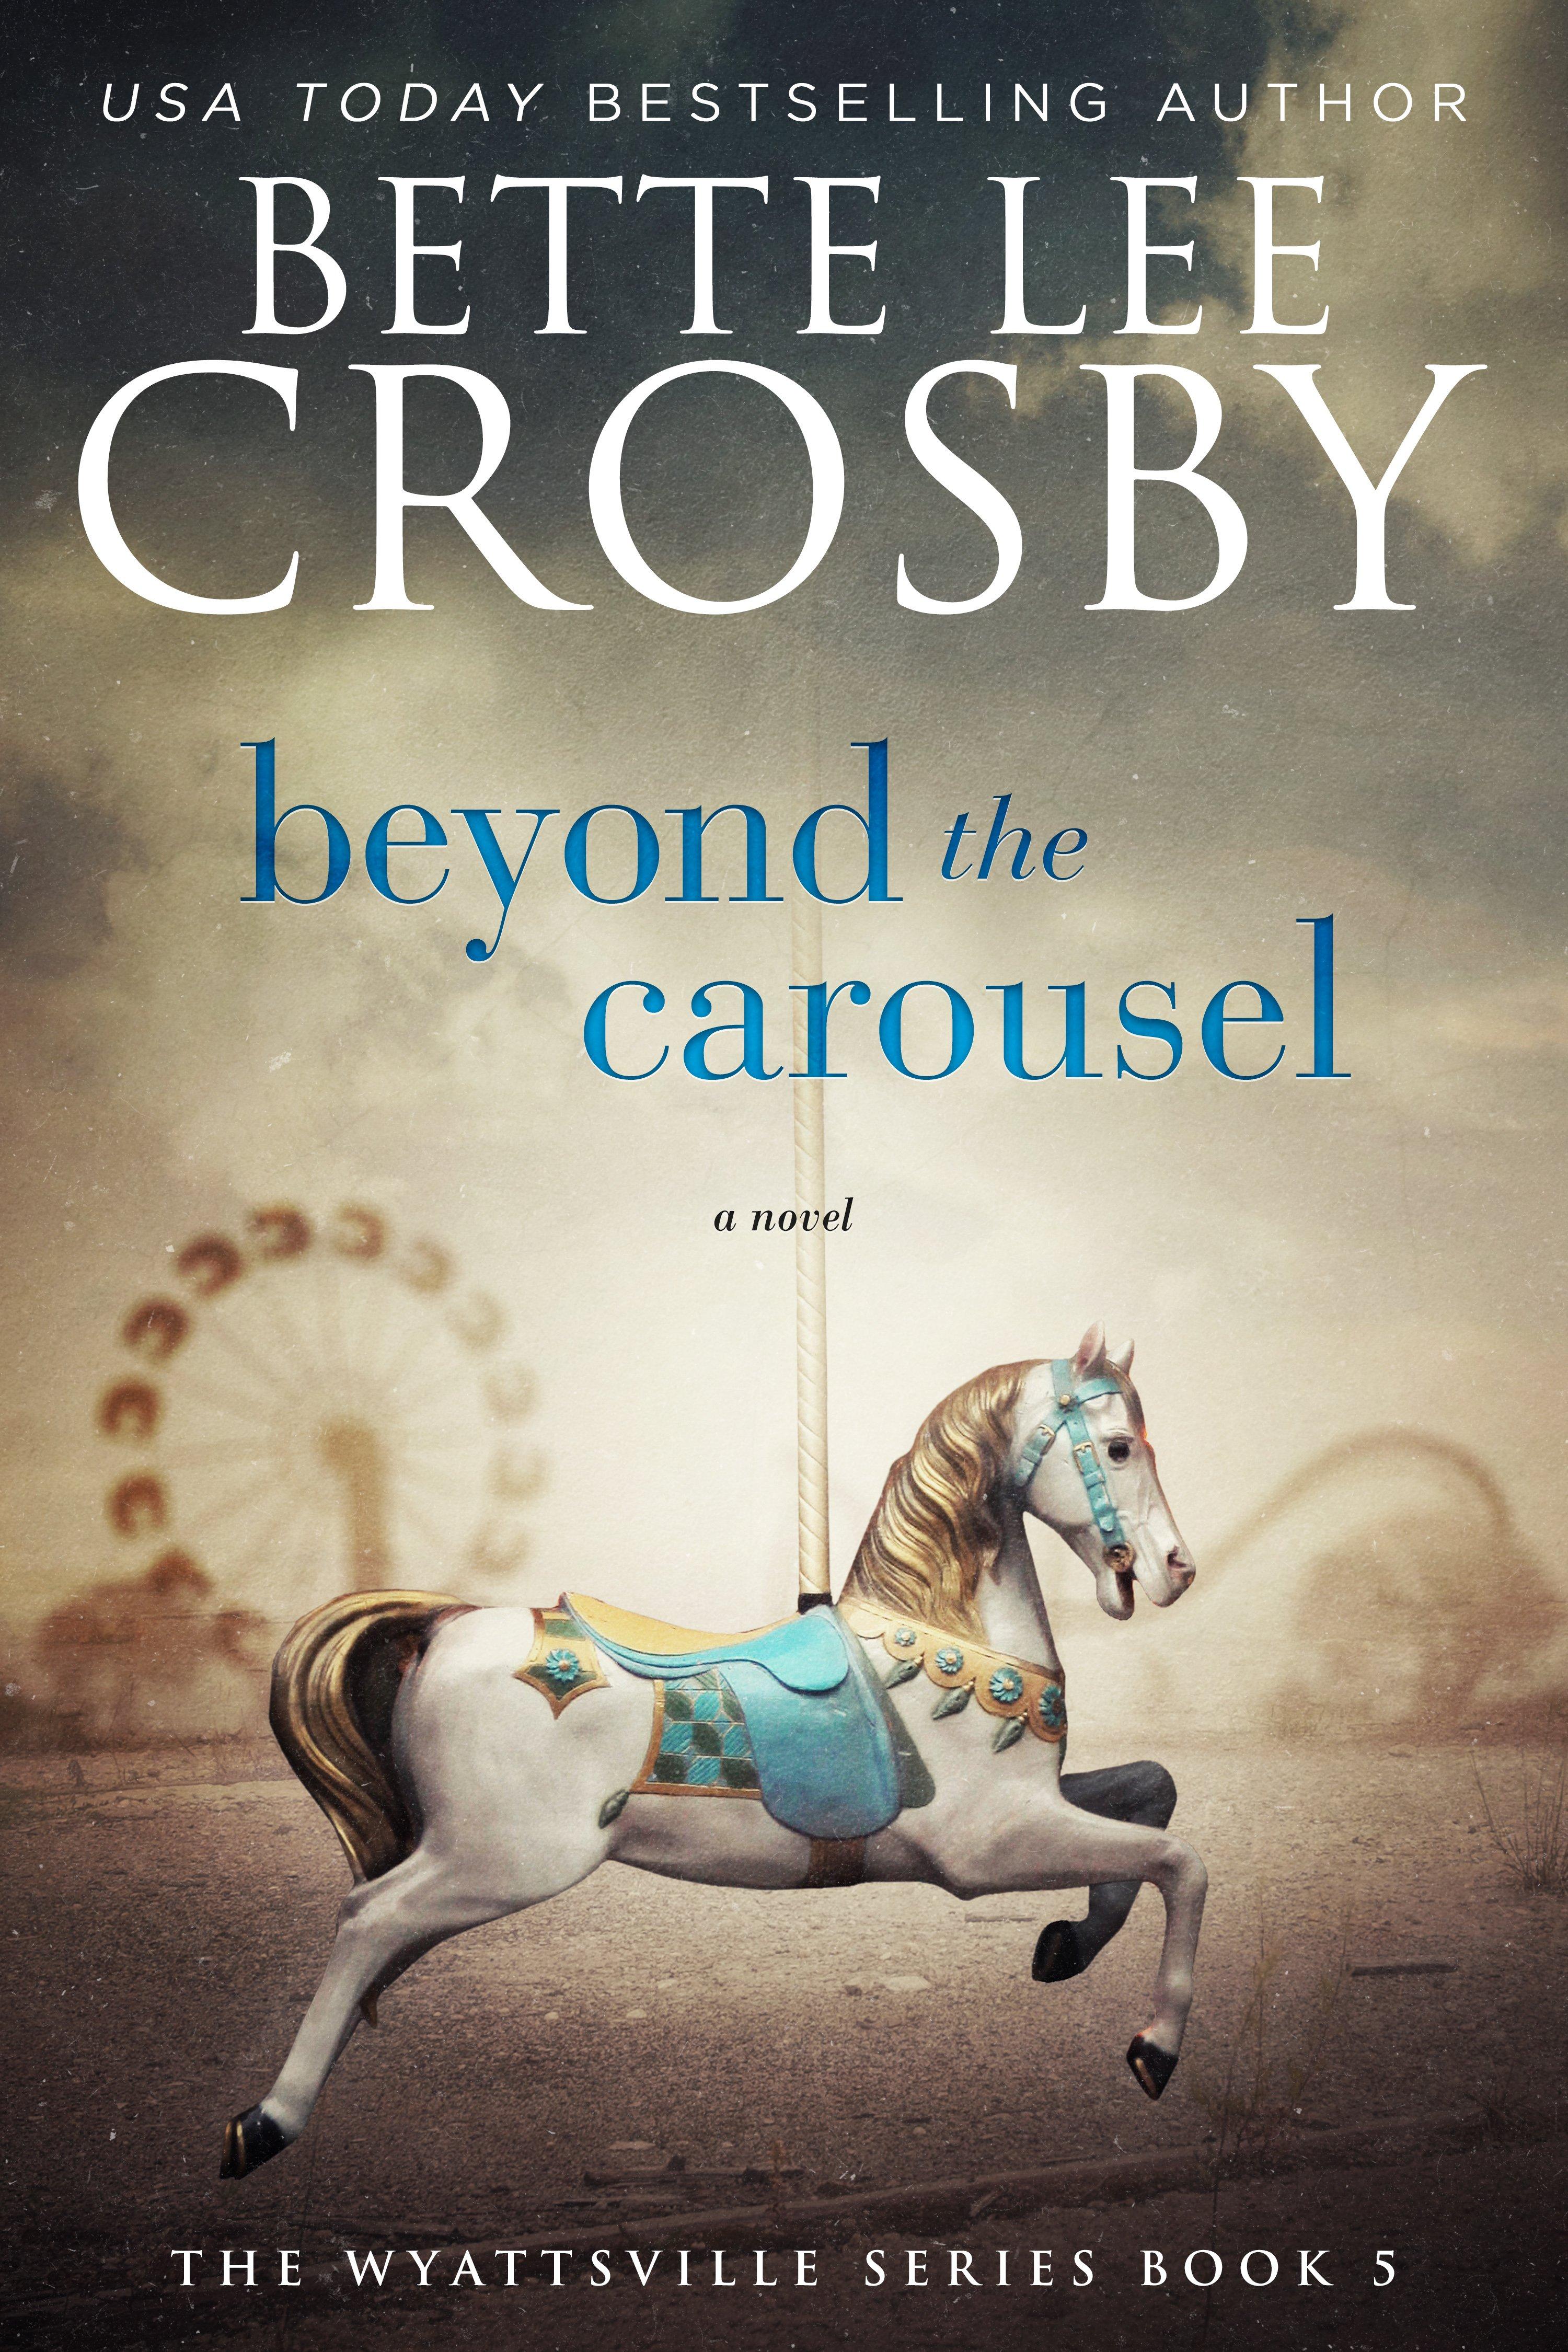 Bette lee crosby bette lee crosby beyond the carousel ebook fandeluxe Epub